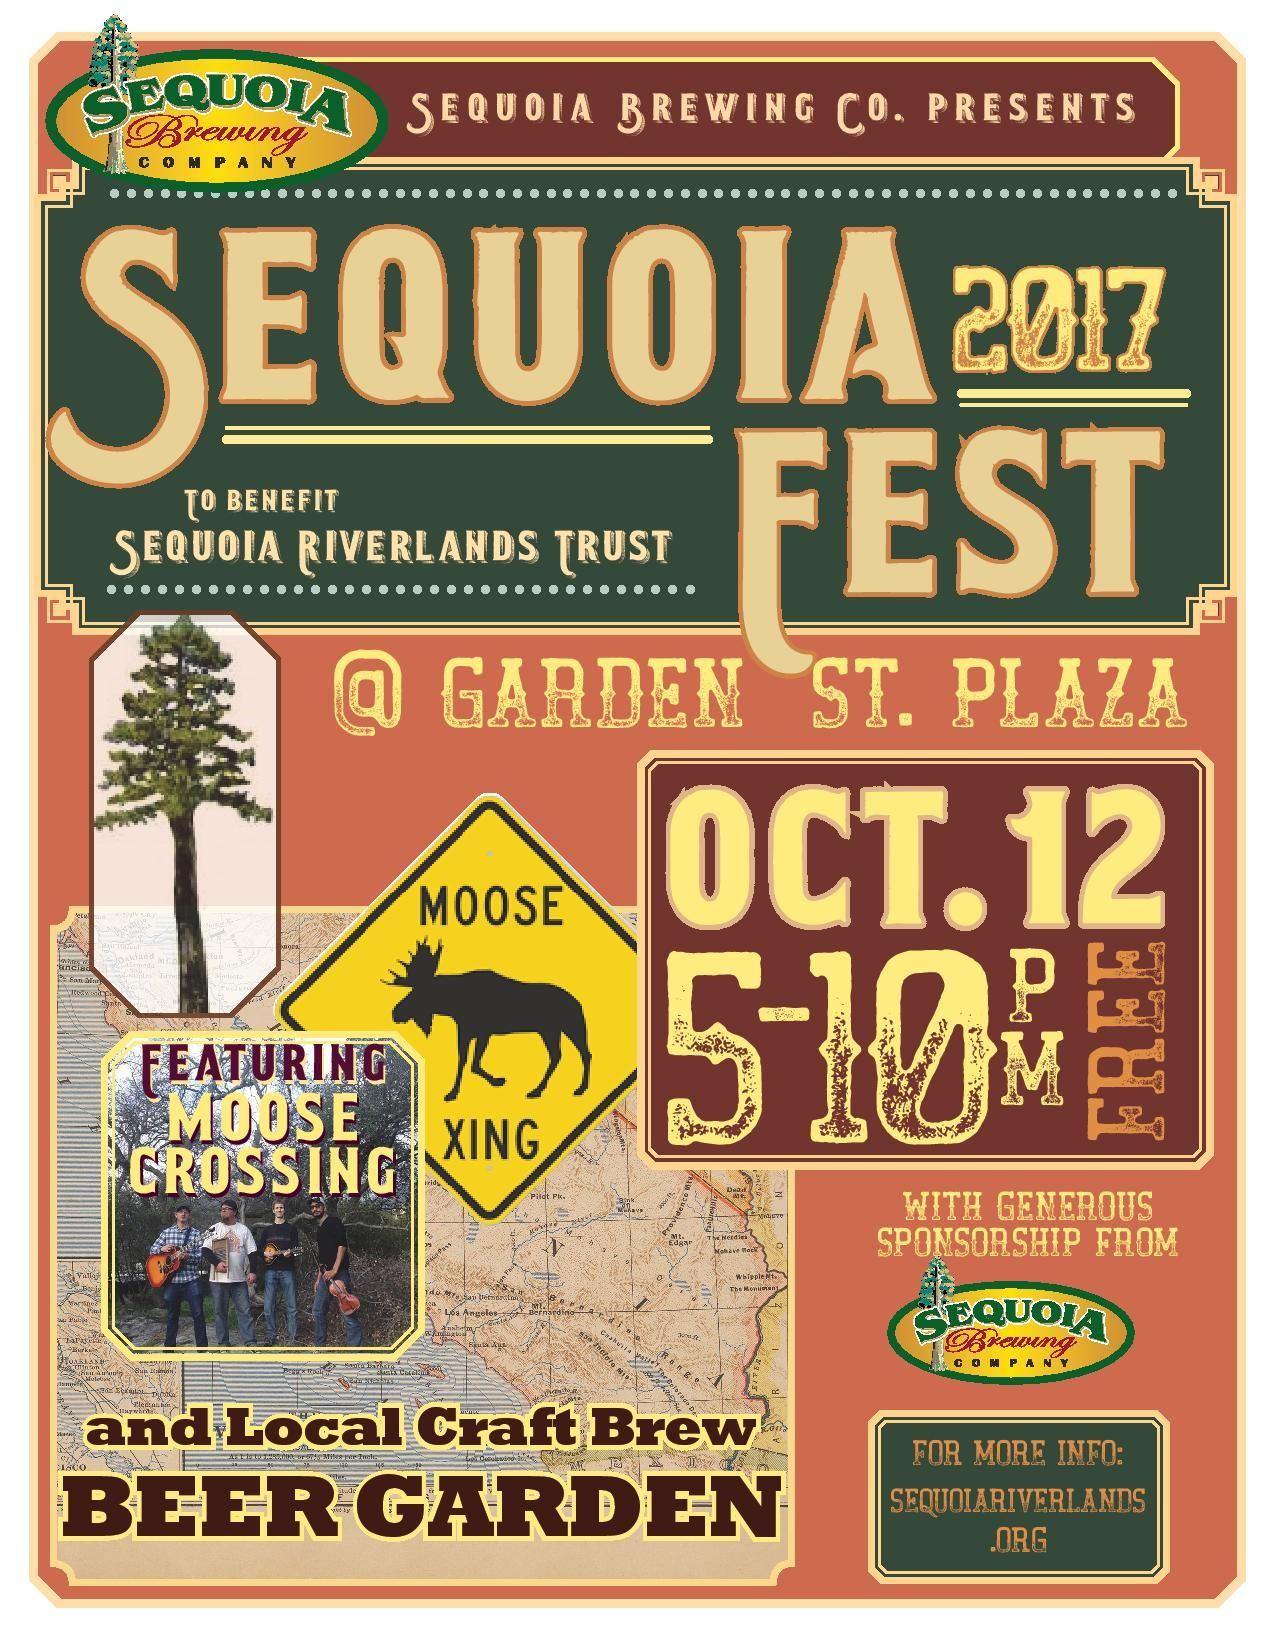 SequoiaFest 2 happening October 12